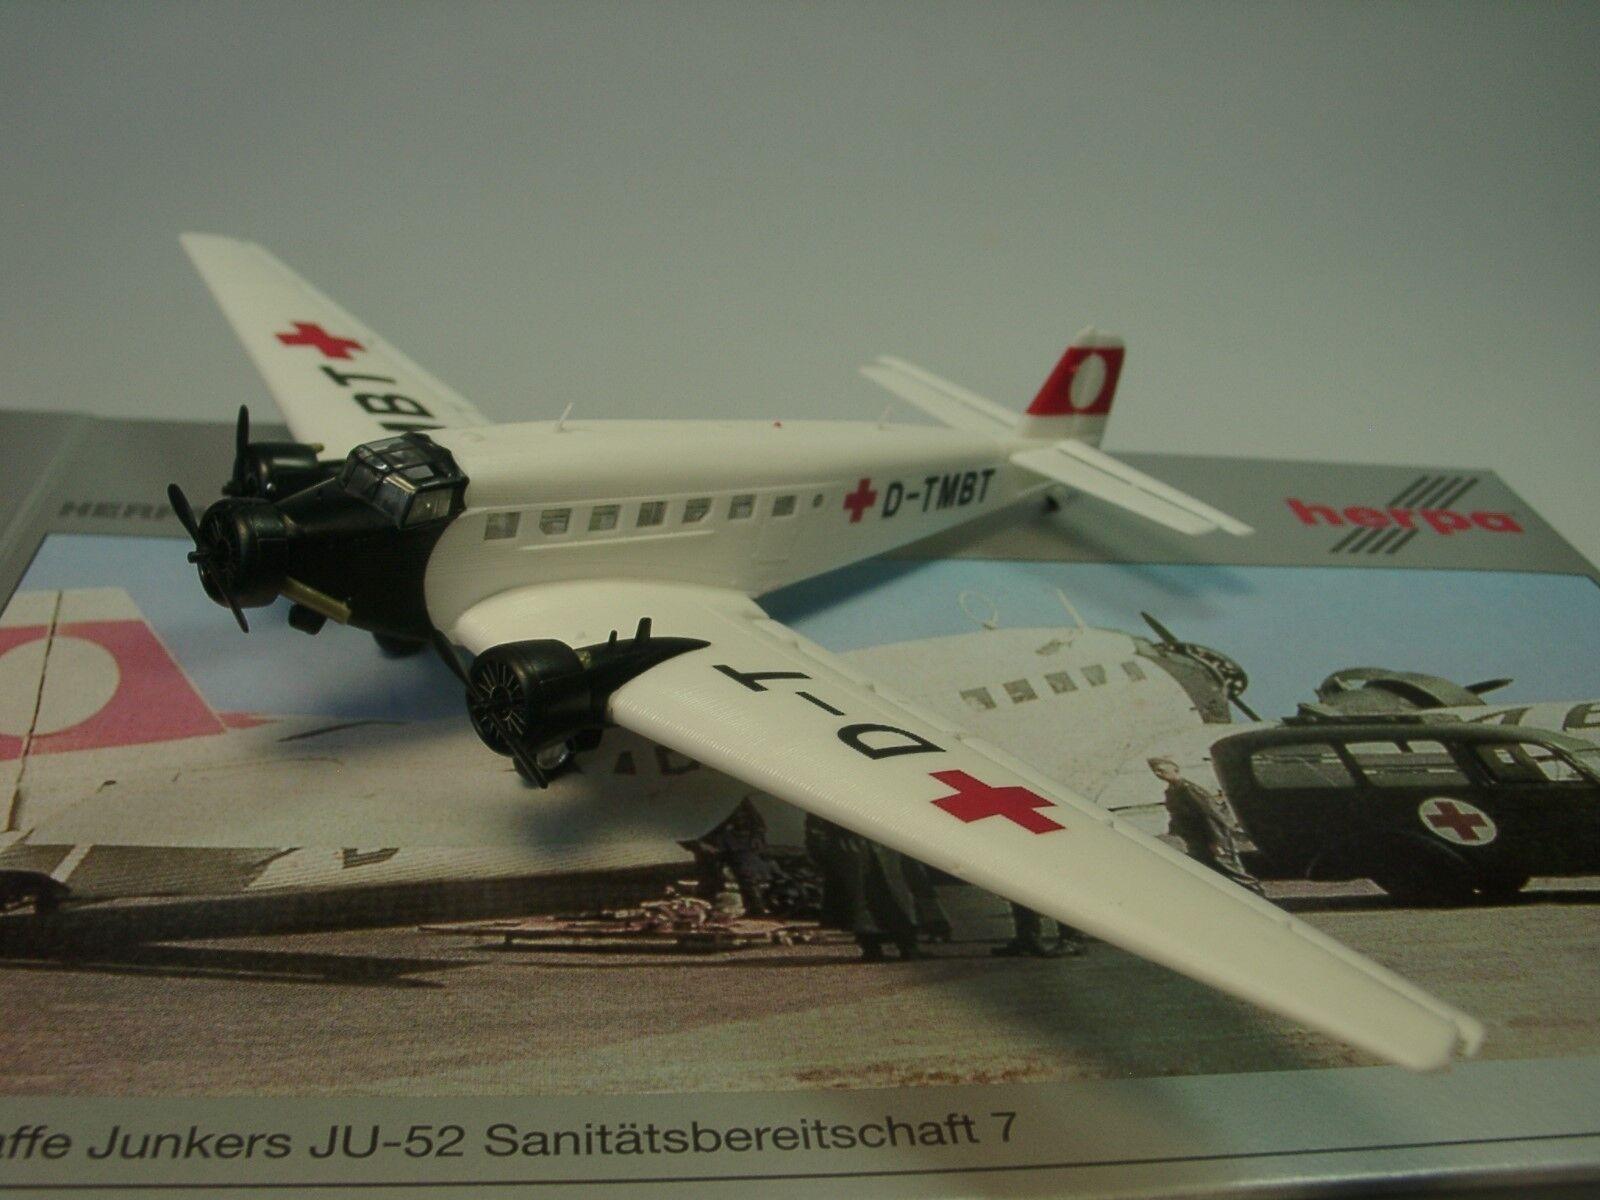 HERPA wings Junkers ju-52 sanitätsbereitschaft 7 - 019132 - 1 160